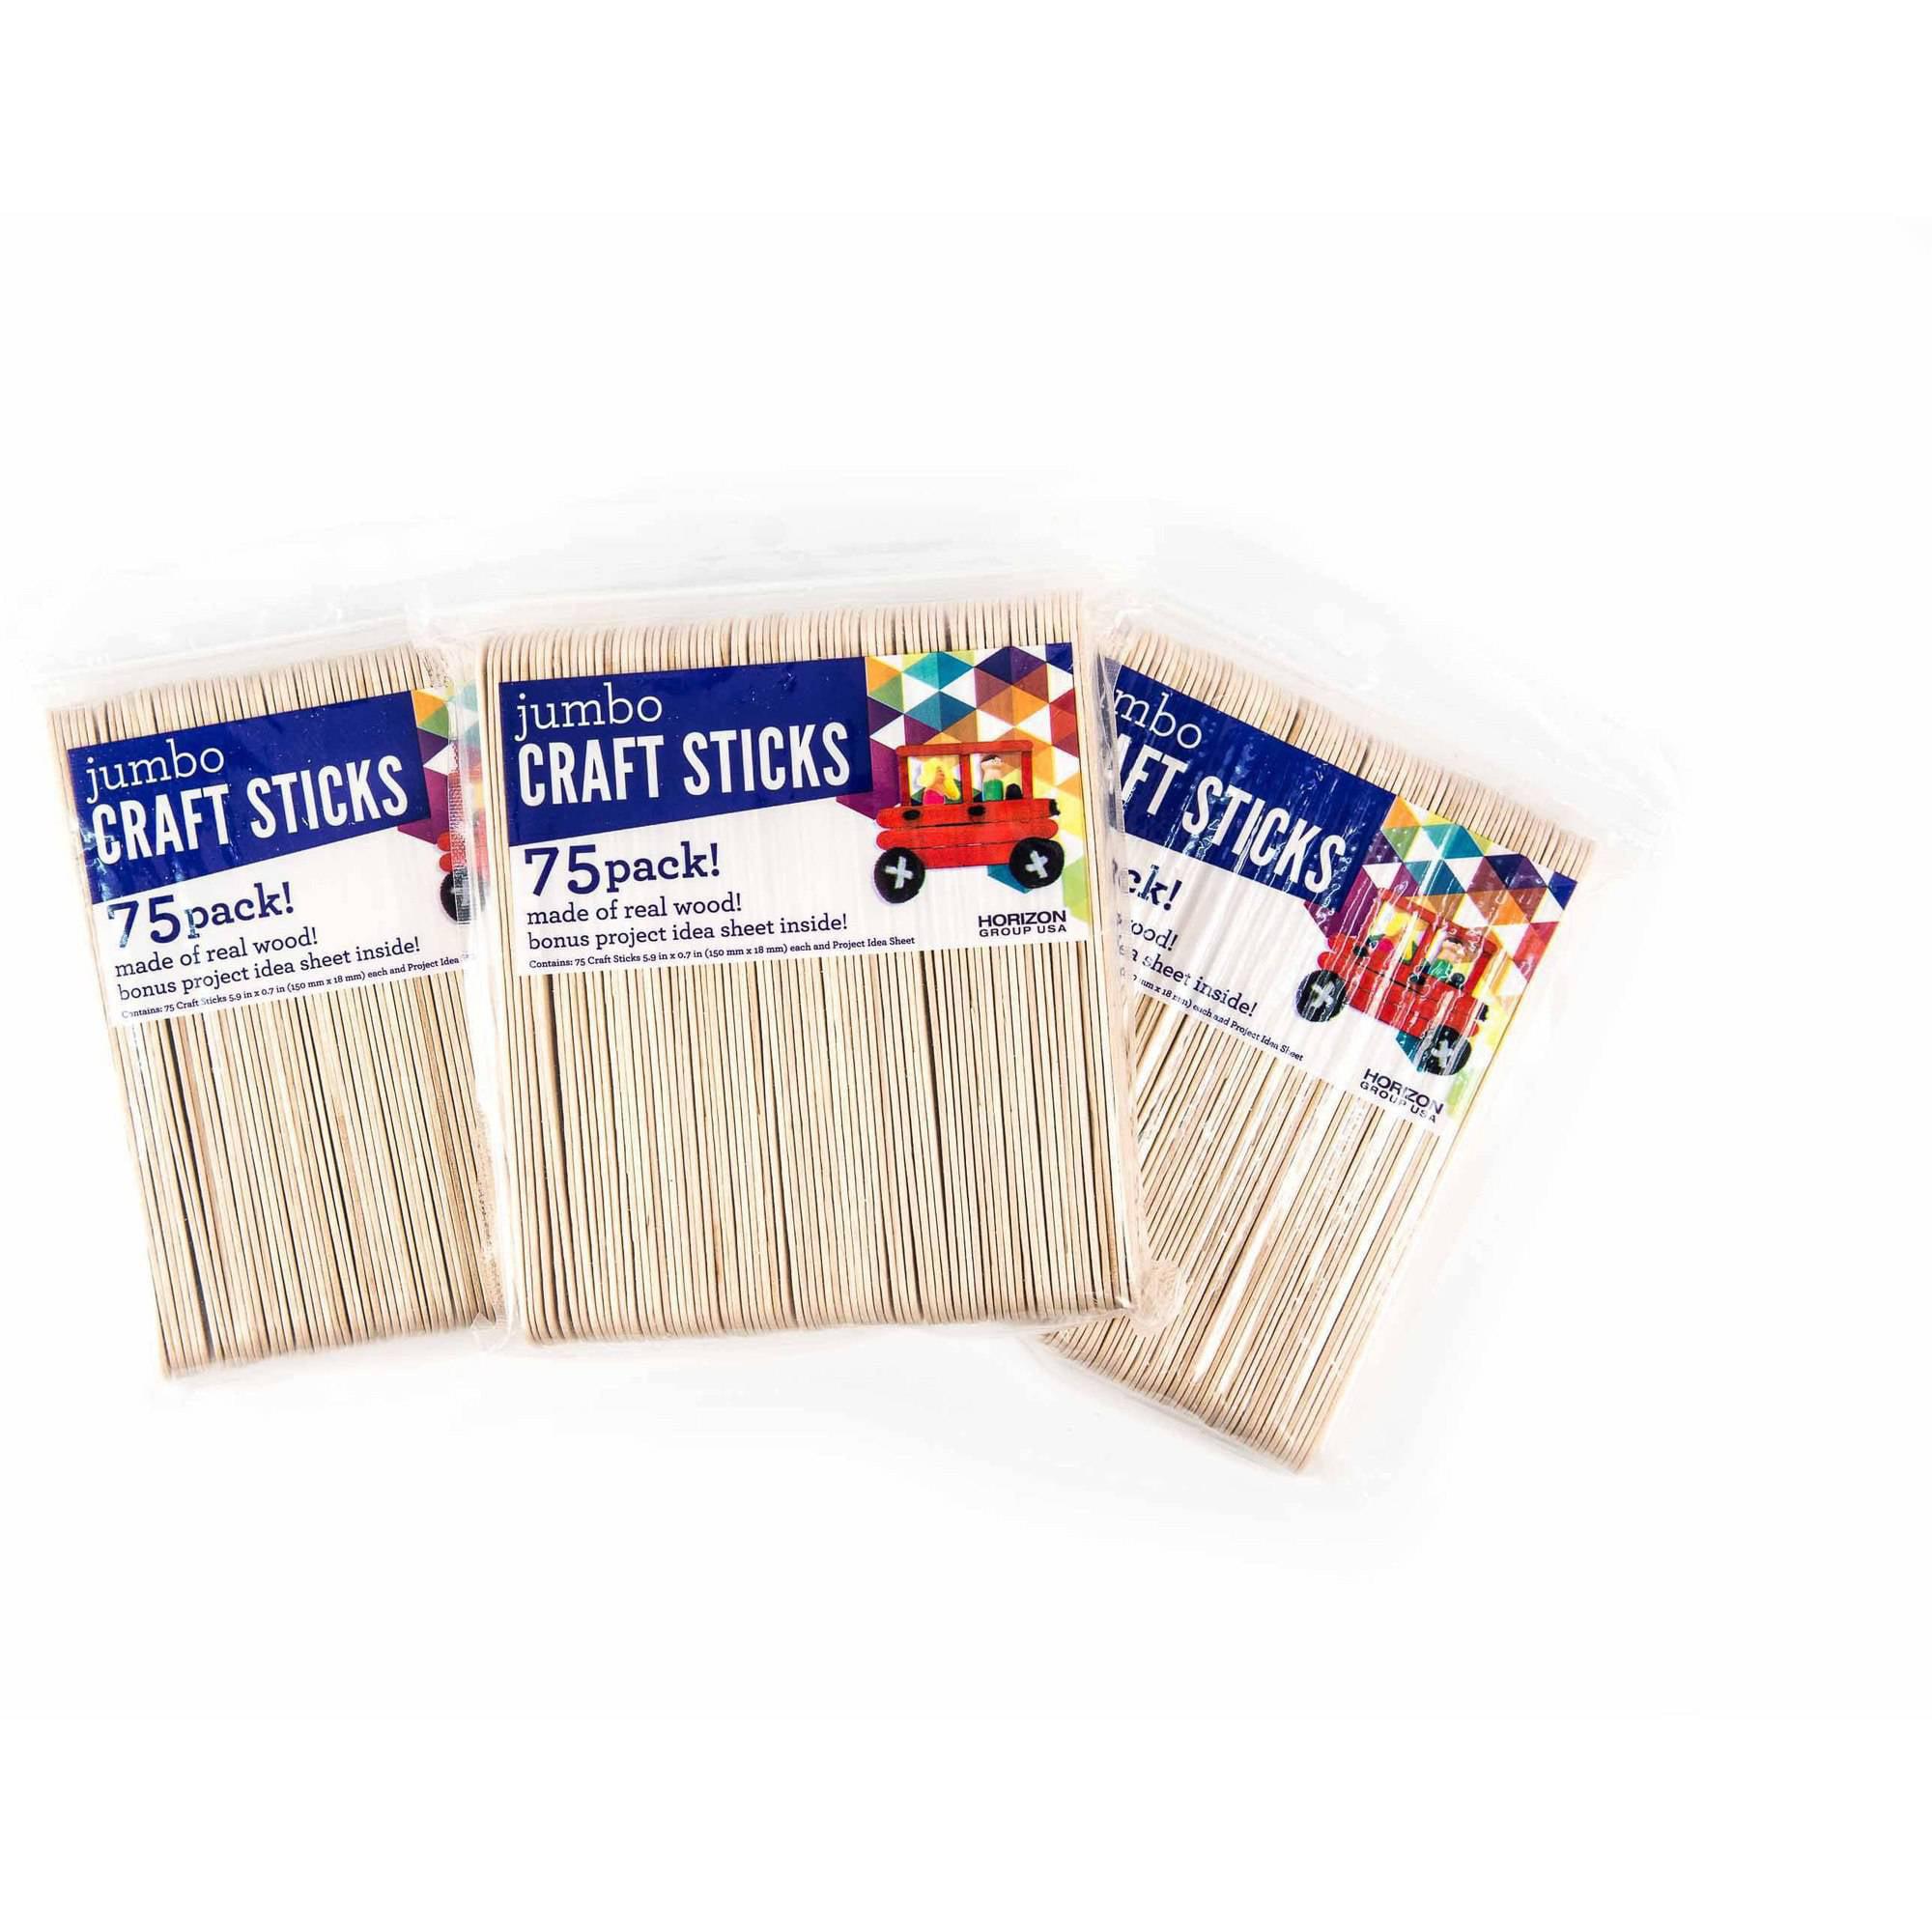 Jumbo wood craft sticks - Use These Over Sized Jumbo Wood Craft Sticks